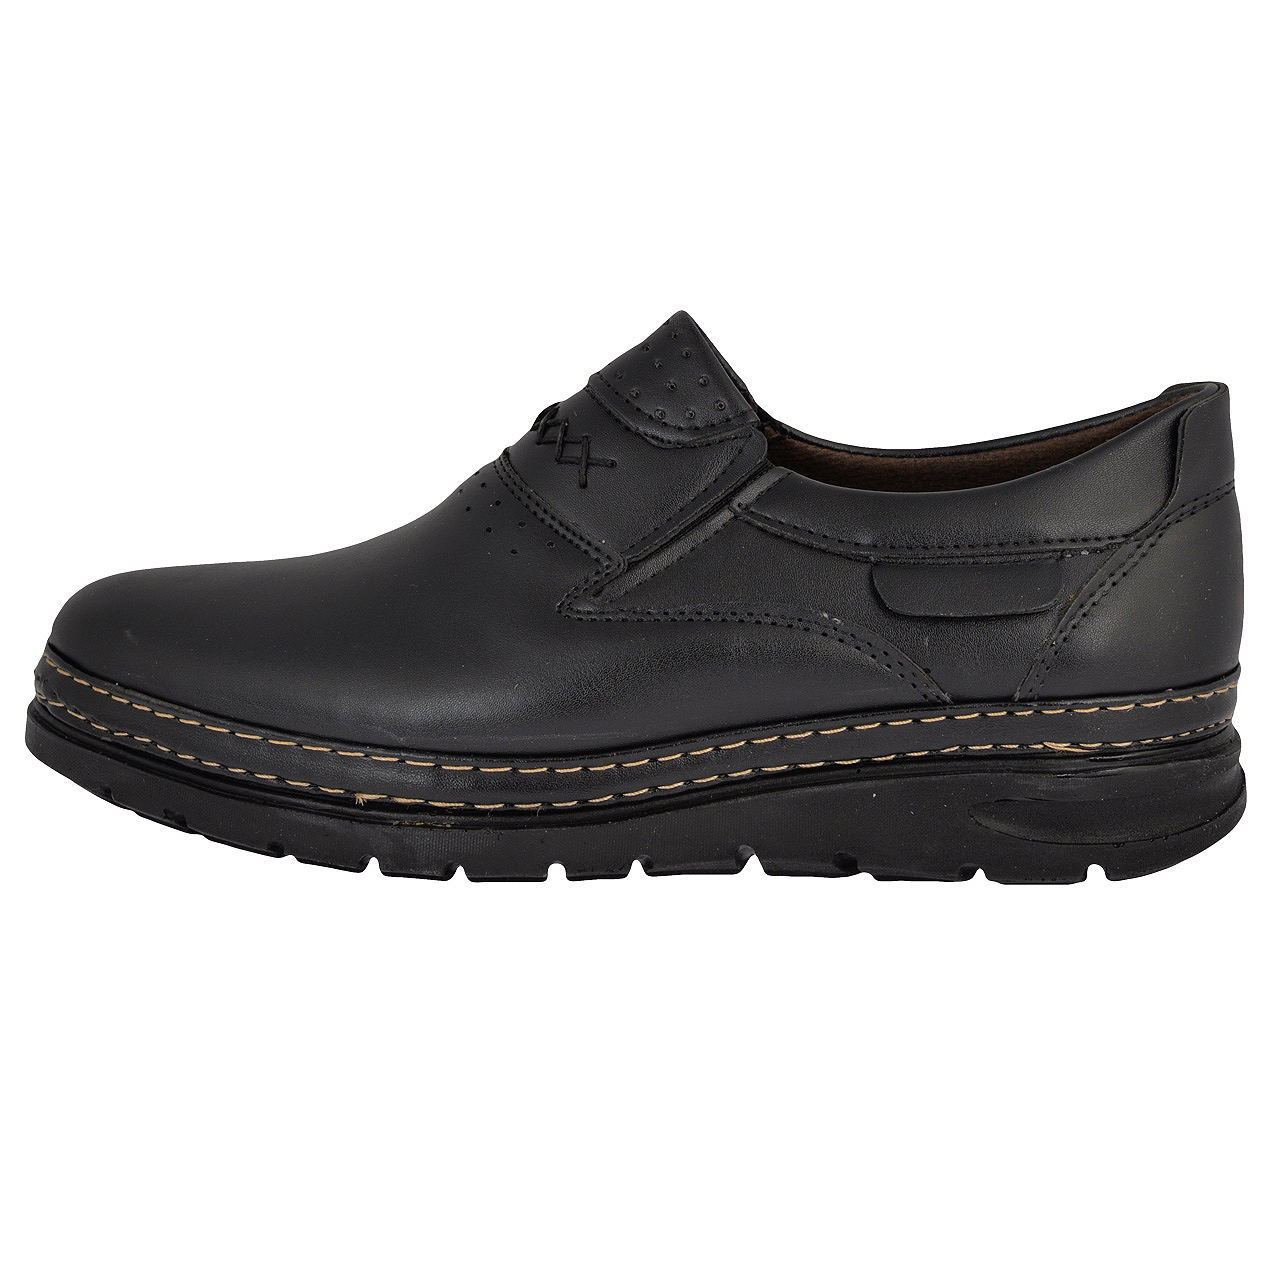 کفش روزمره مردانه کد 324006902 -  - 3